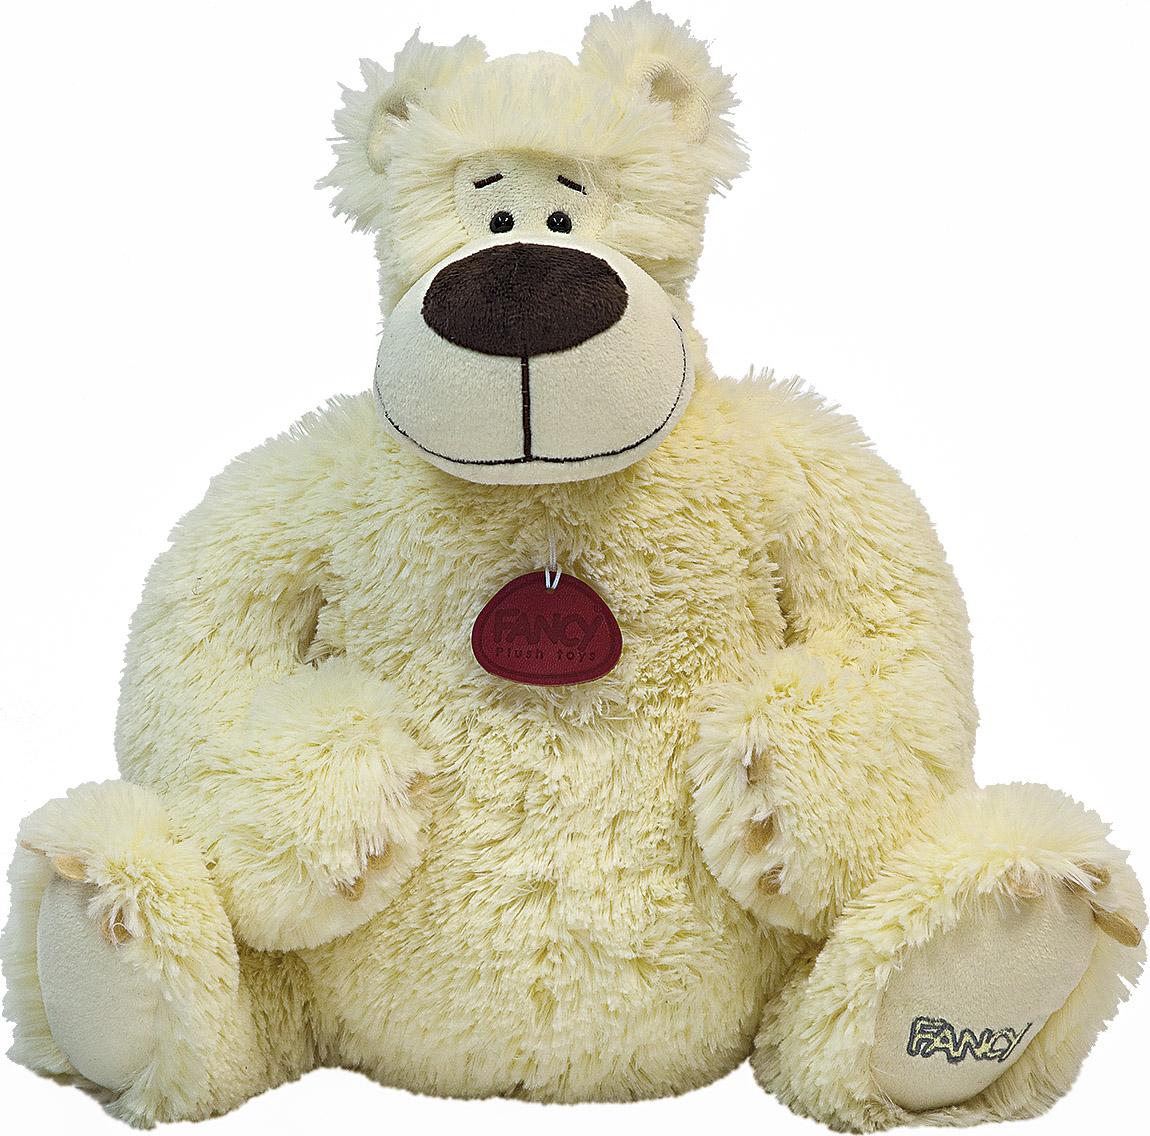 Fancy Мягкая игрушка Медведь Малинкин 42 см fancy мягкая игрушка собака эля 14 5 см